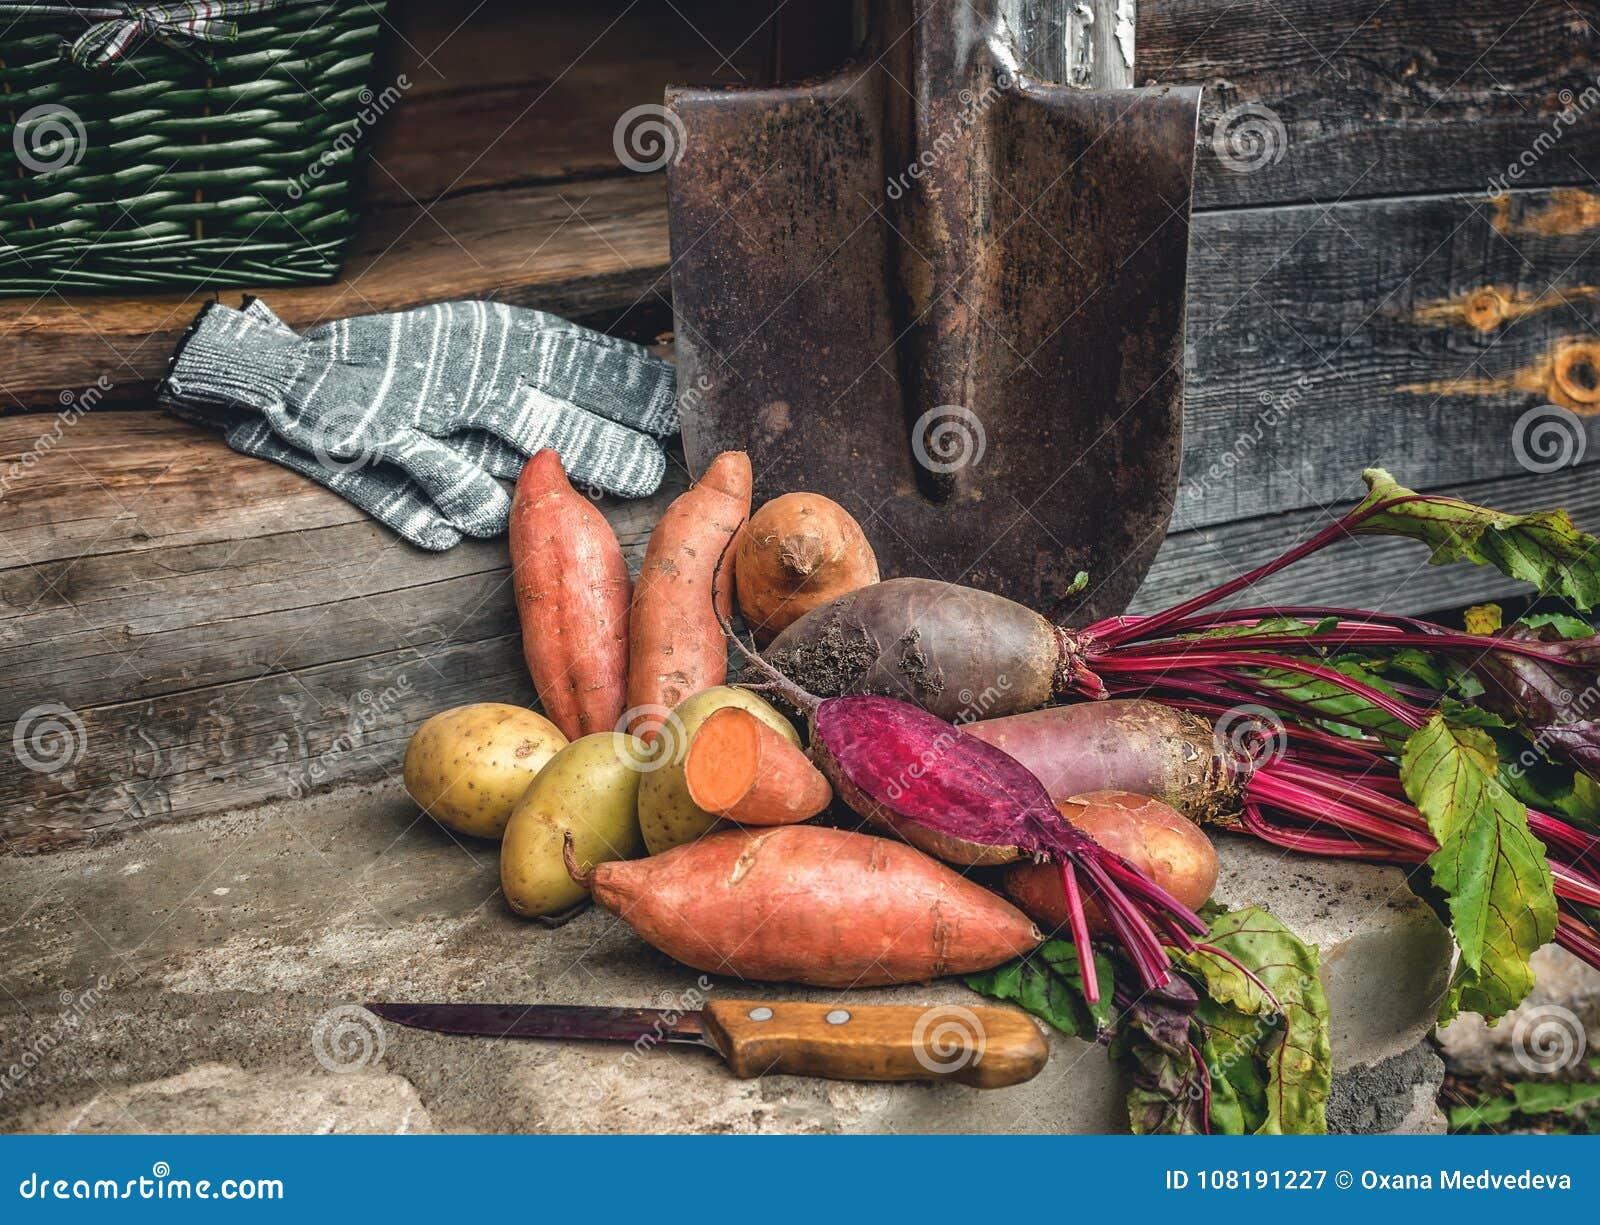 Organicznie korzeniowi warzywa i prosty batata lying on the beach na prostackim płótnie i rydlu słuzyć wioskę Jesieni żniwa kopia